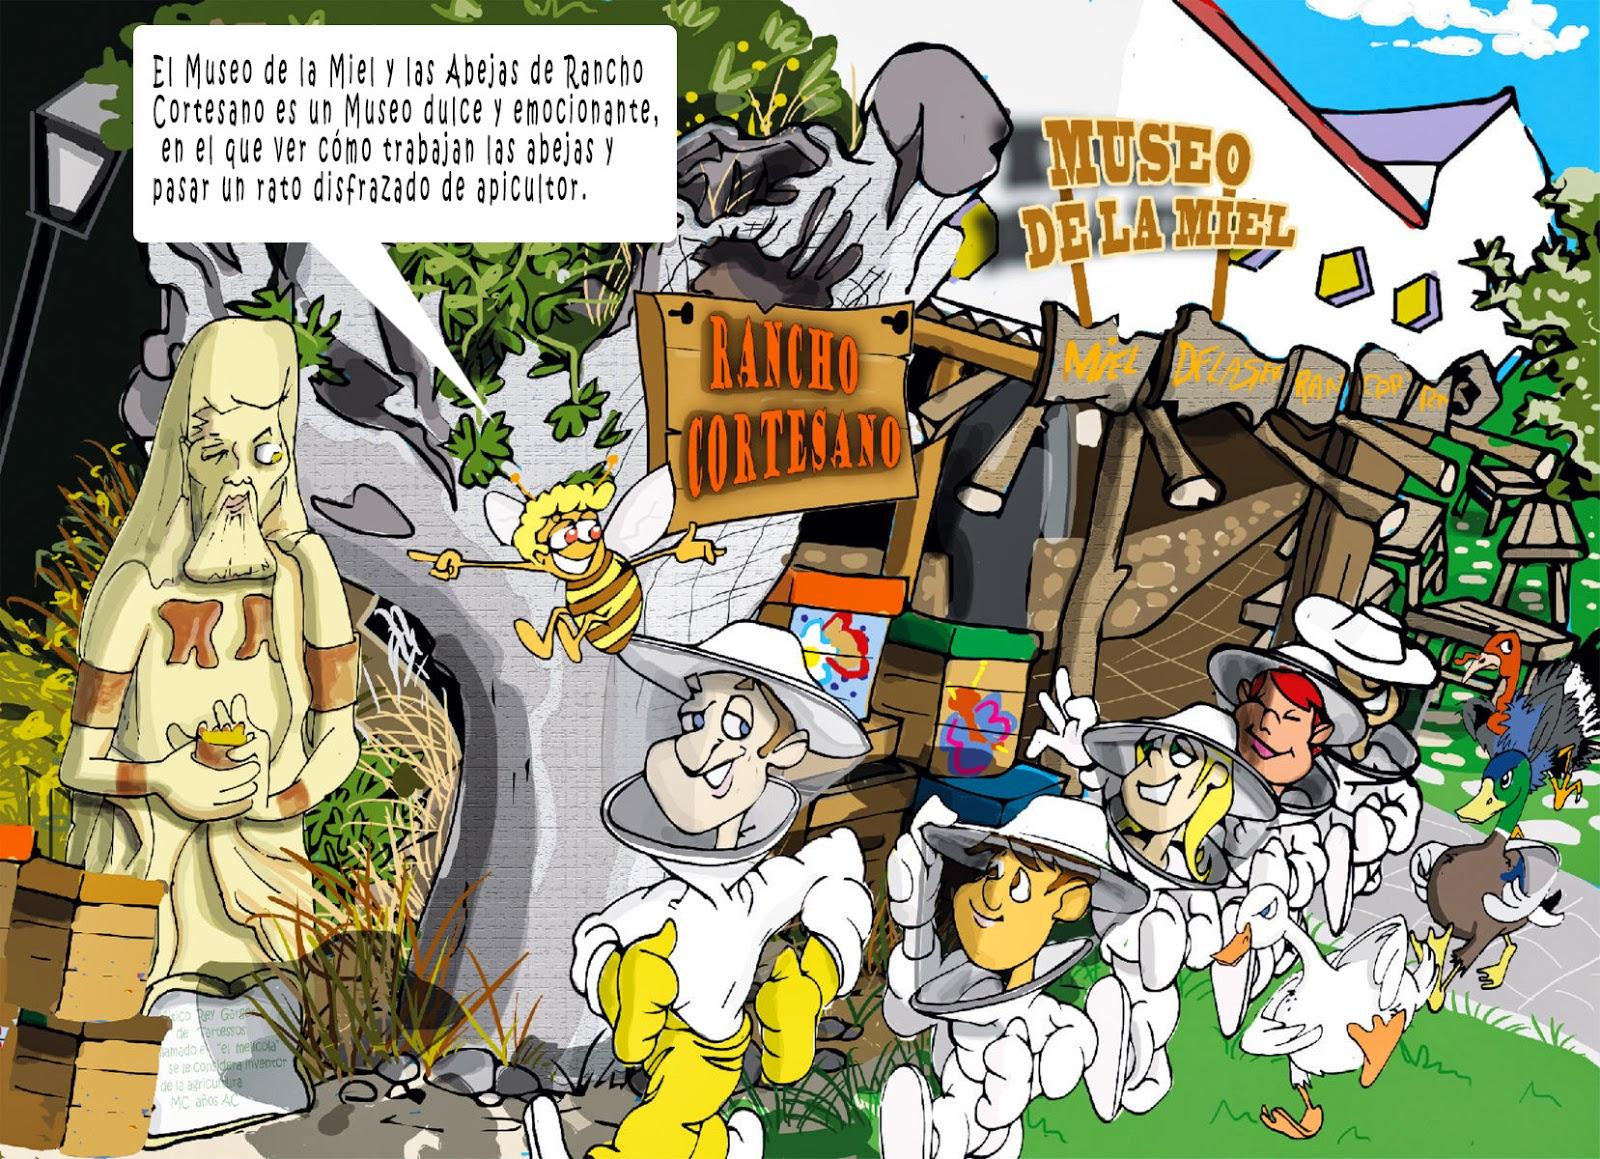 """<img src=""""Rancho Cortesano.jpg"""" alt=""""Abejas y miel en dibujos""""/>"""